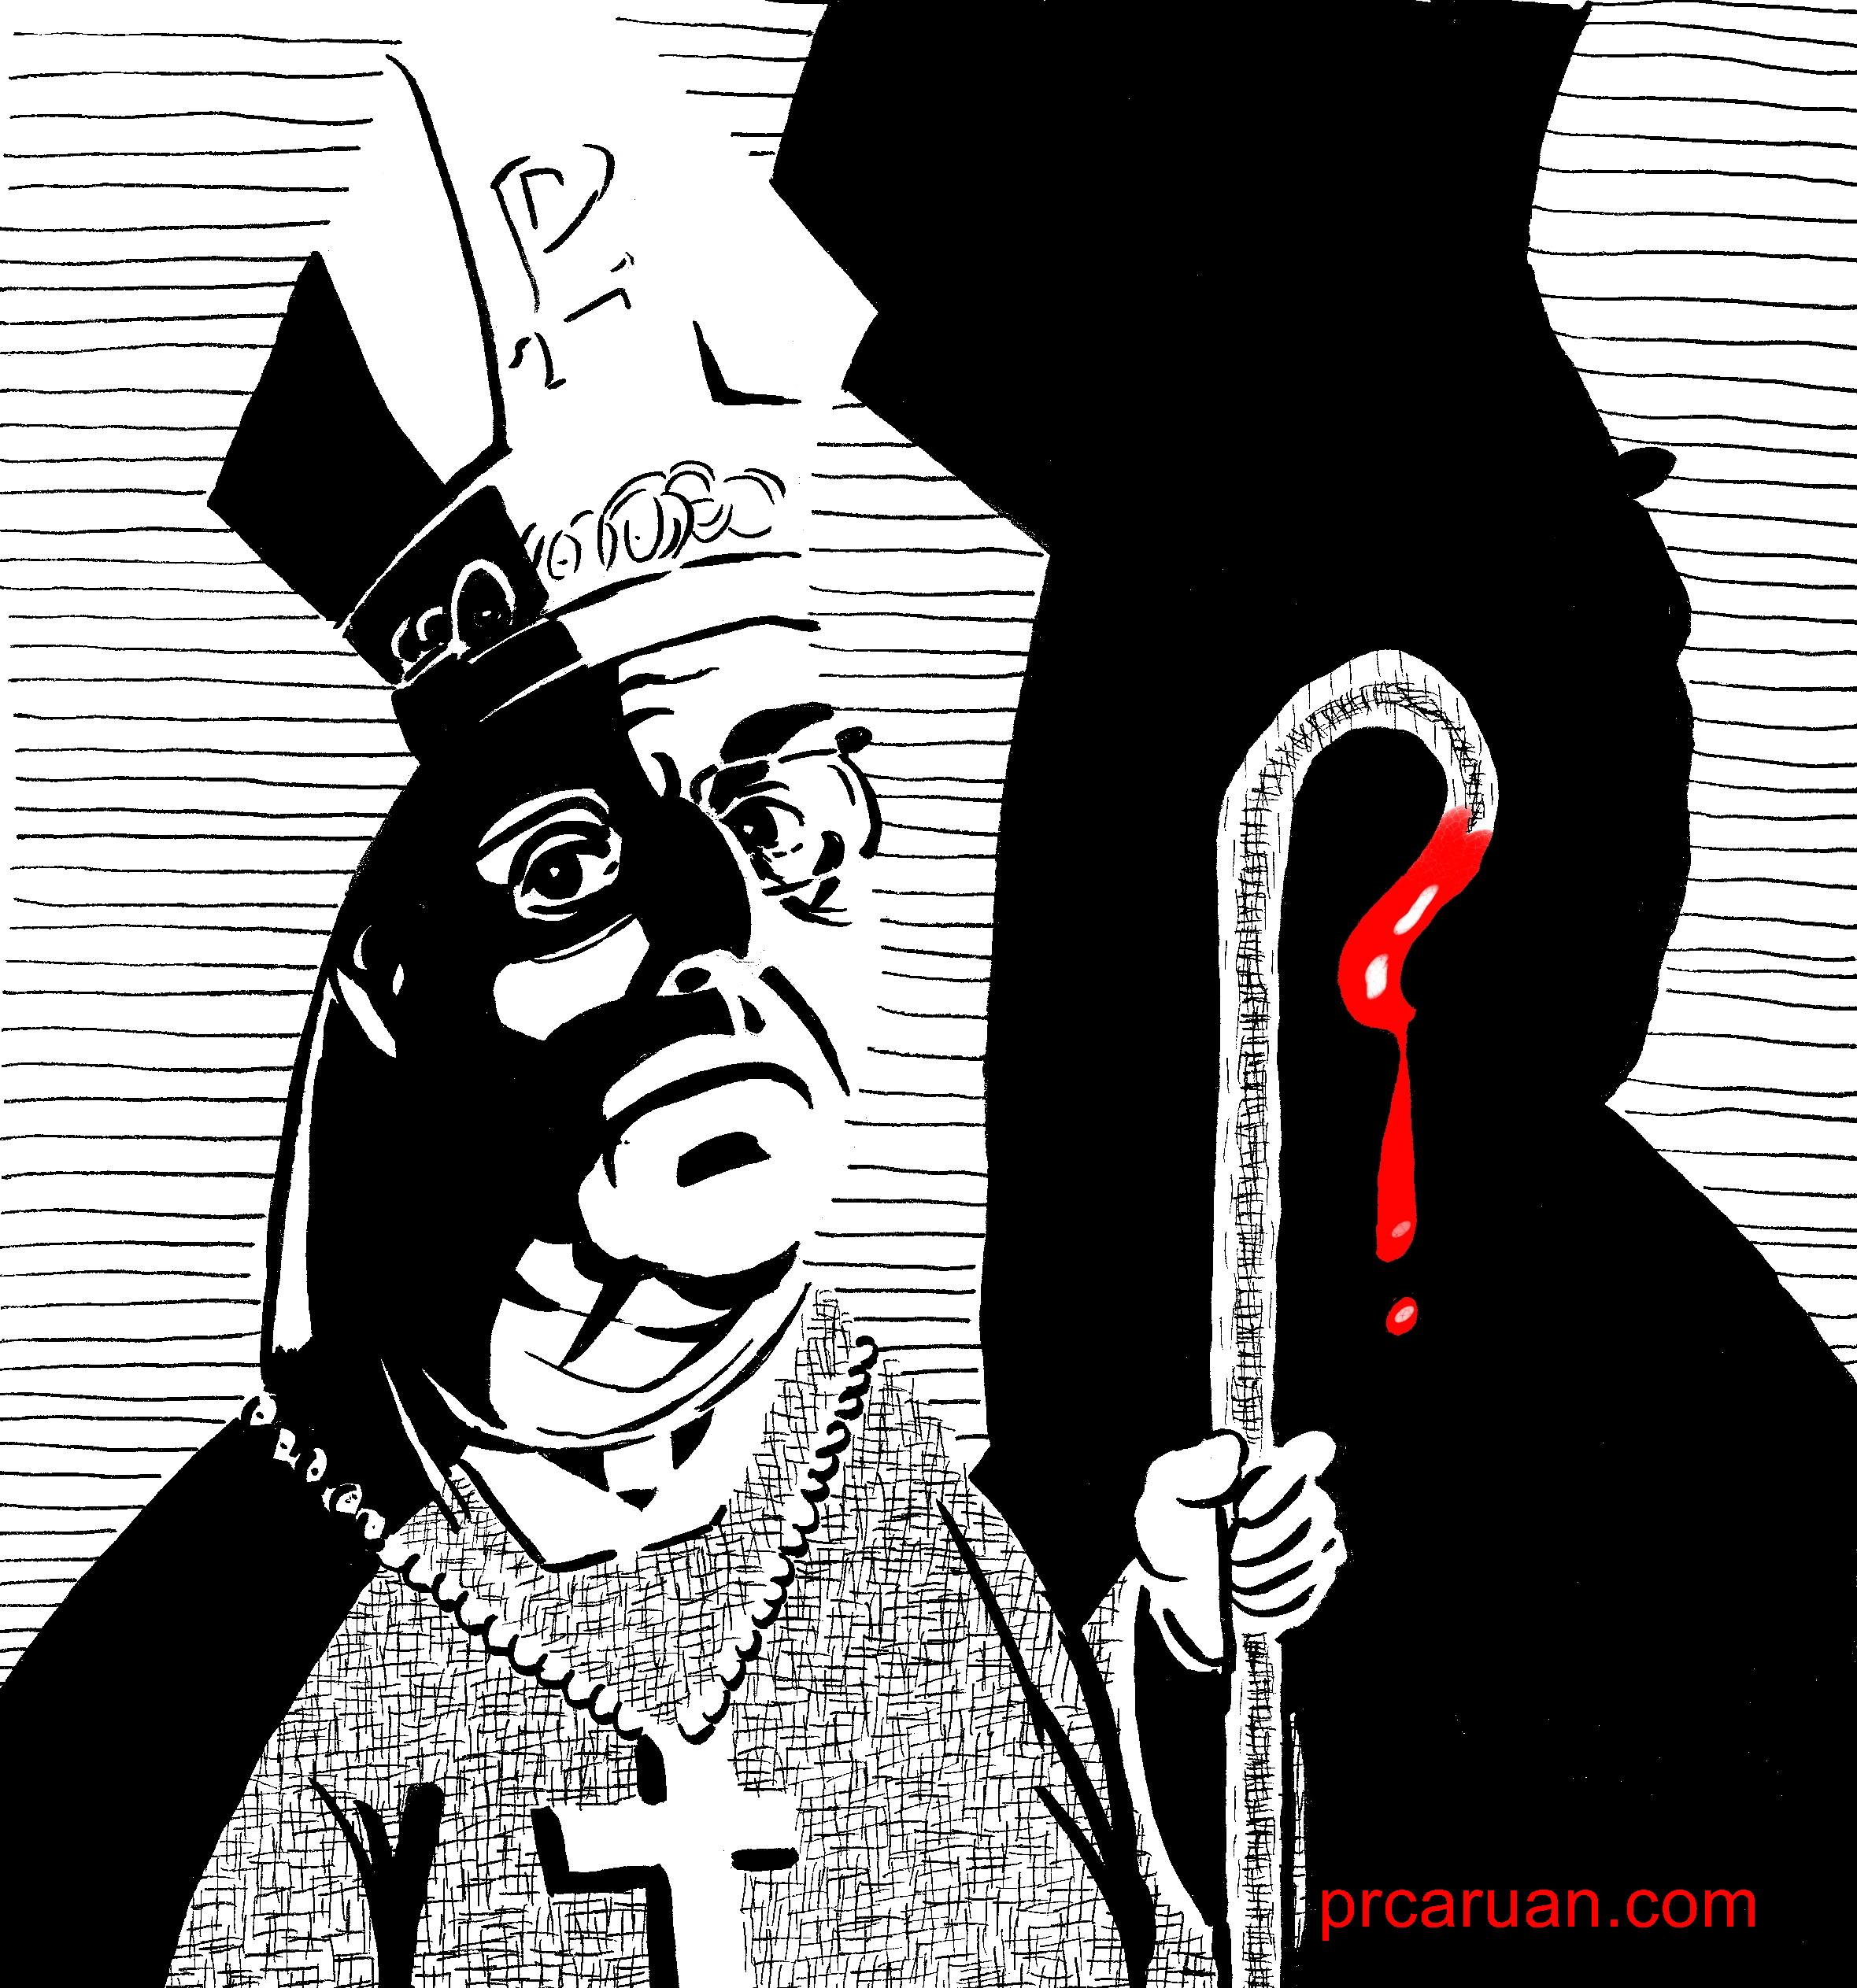 Obispo